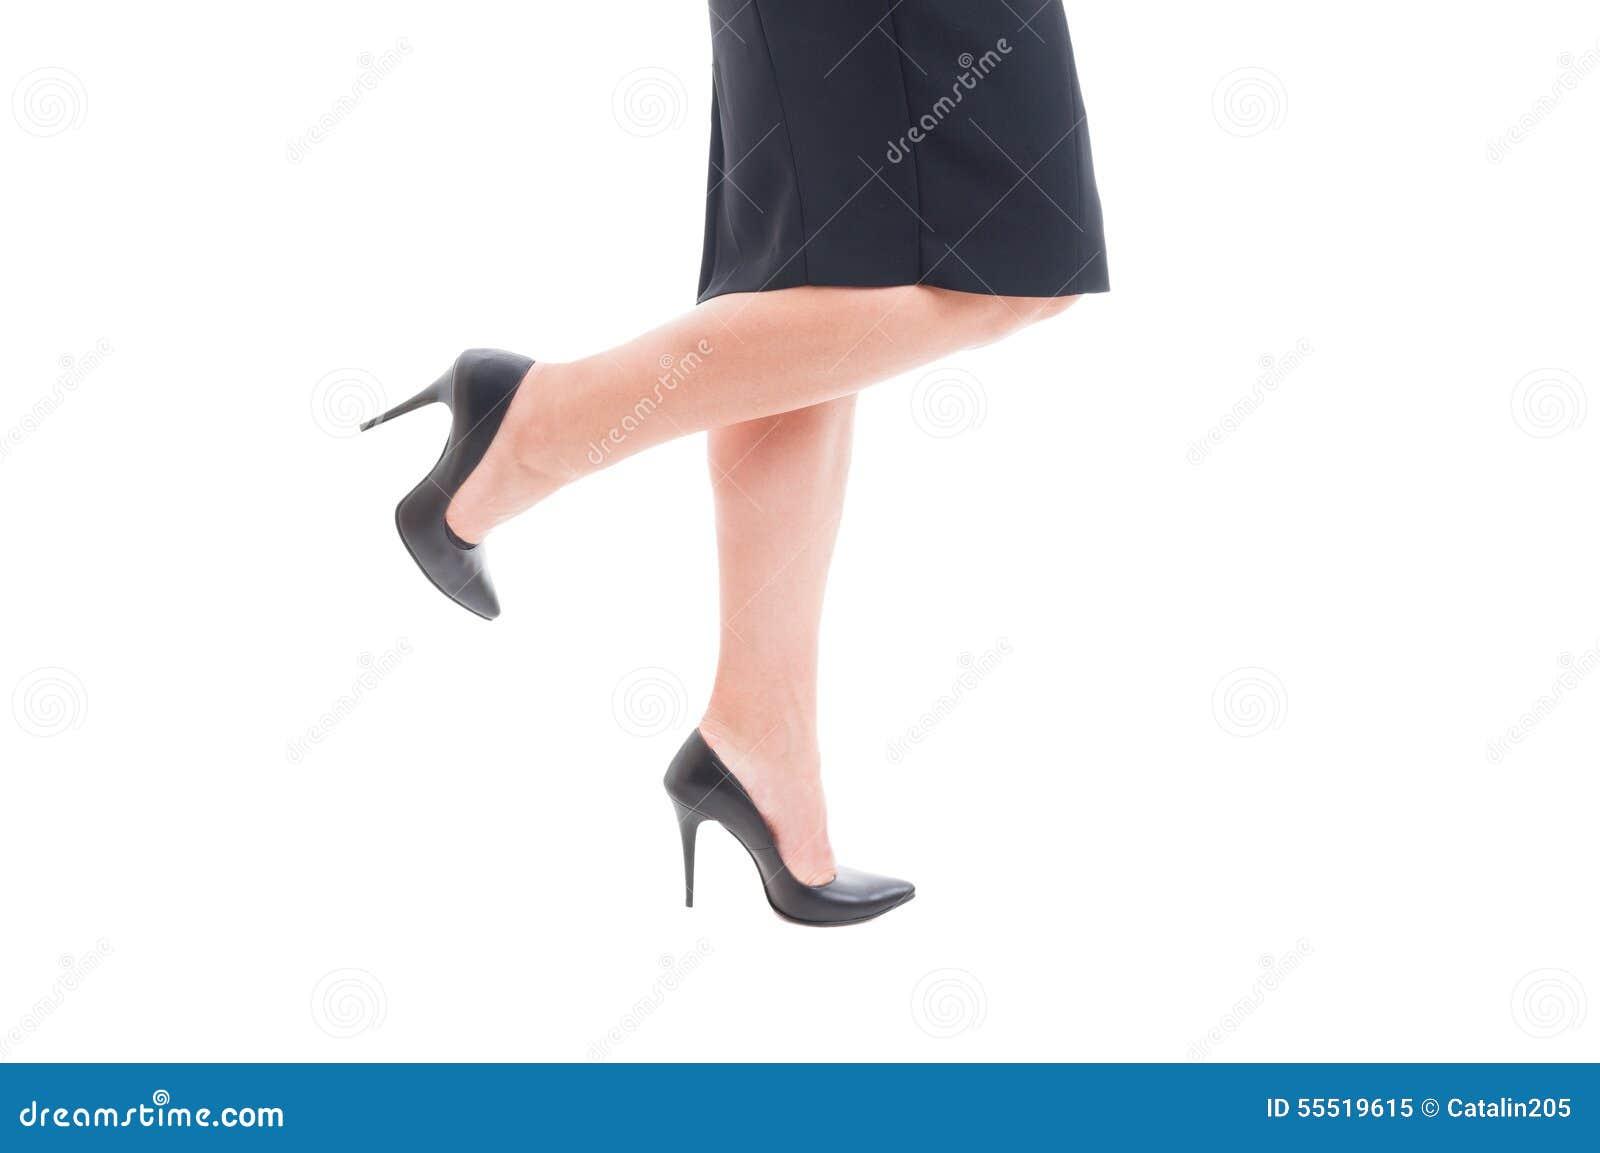 Les De Des Jambes Noircissent Avec Talons Hauts Femme D'affaires rnrgx5a1F